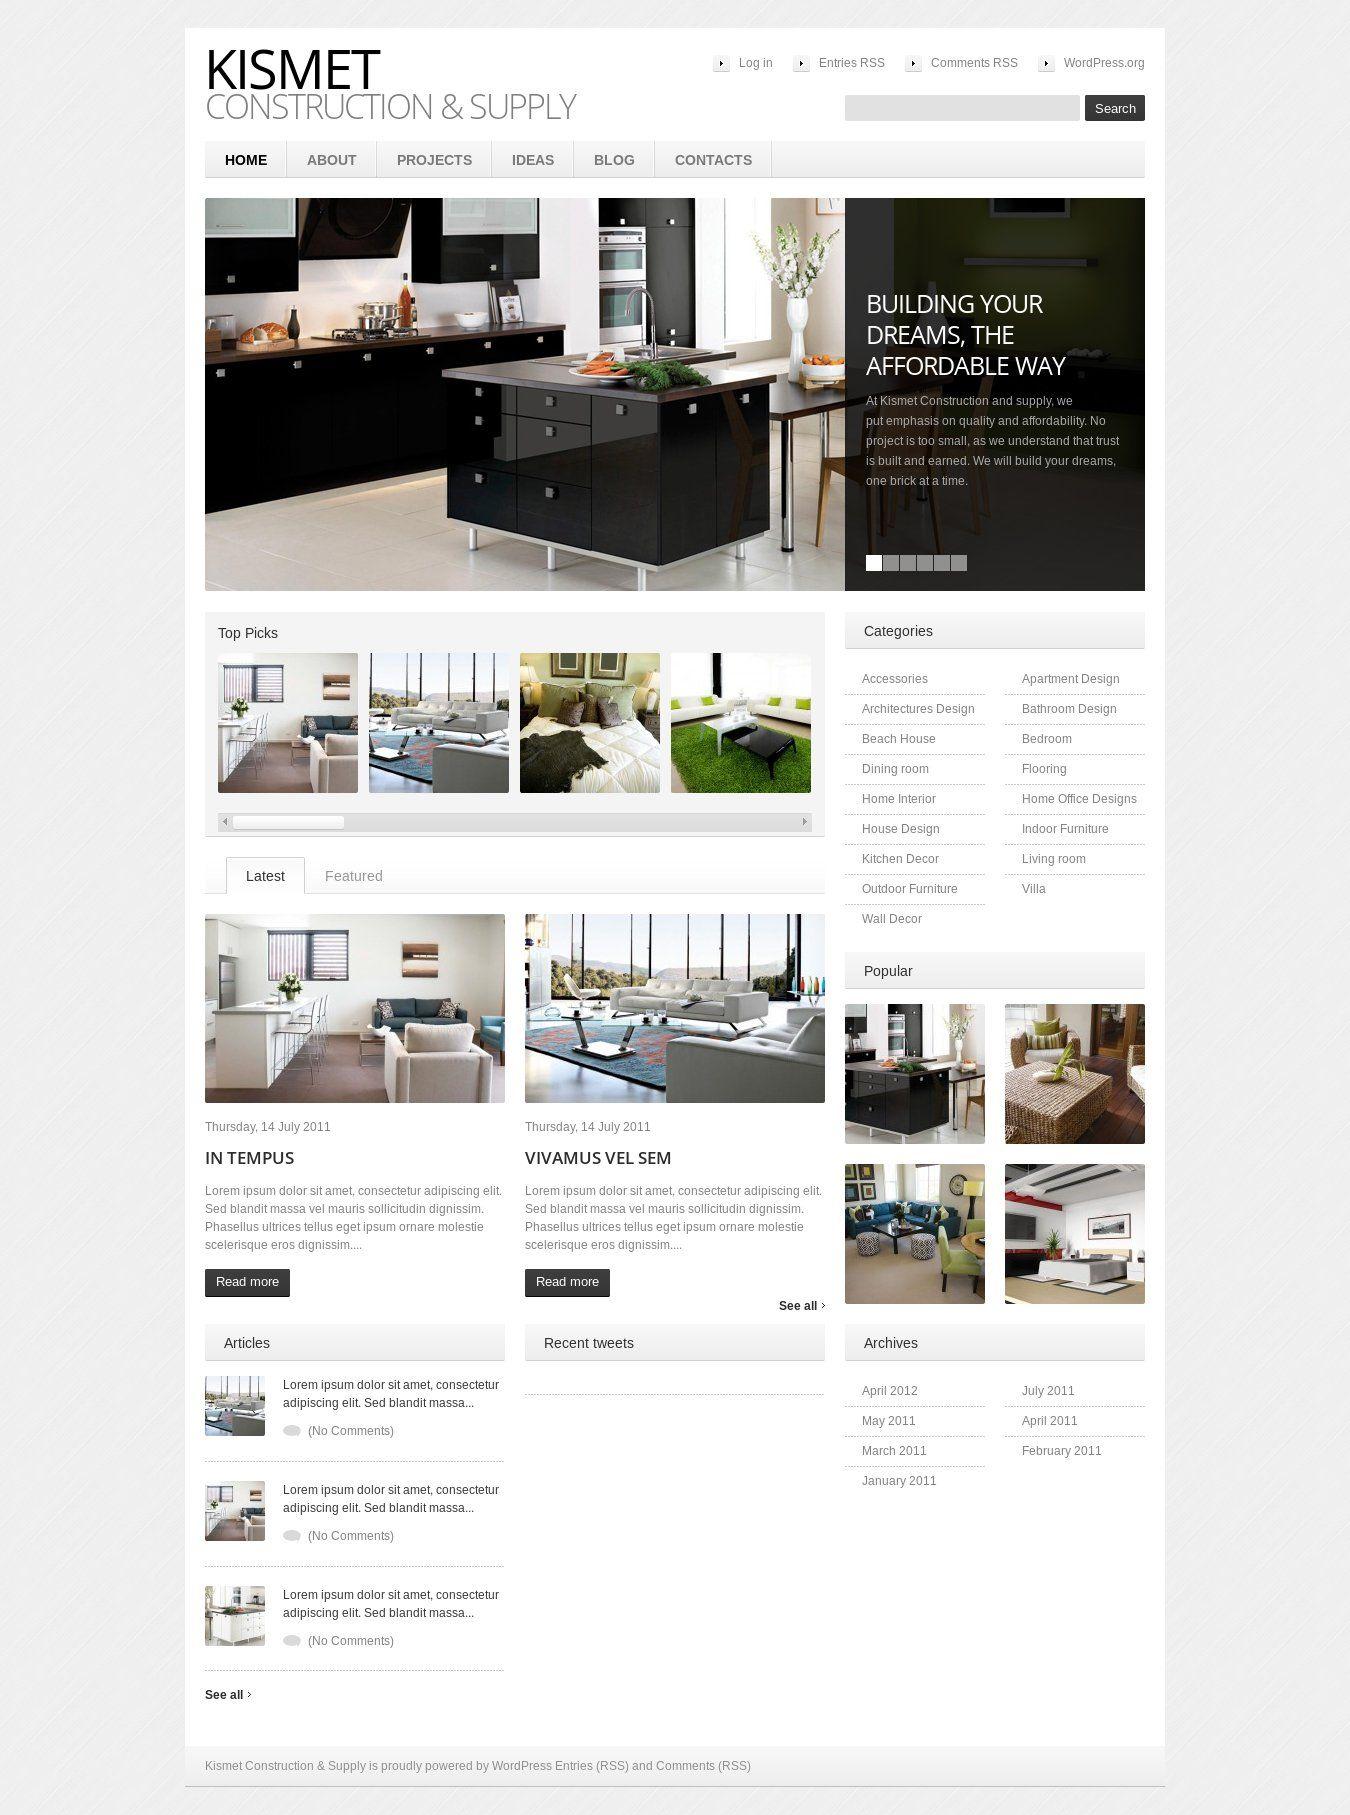 Wordpress Site Kismetconstruction Uses The Theme1530 Wordpress